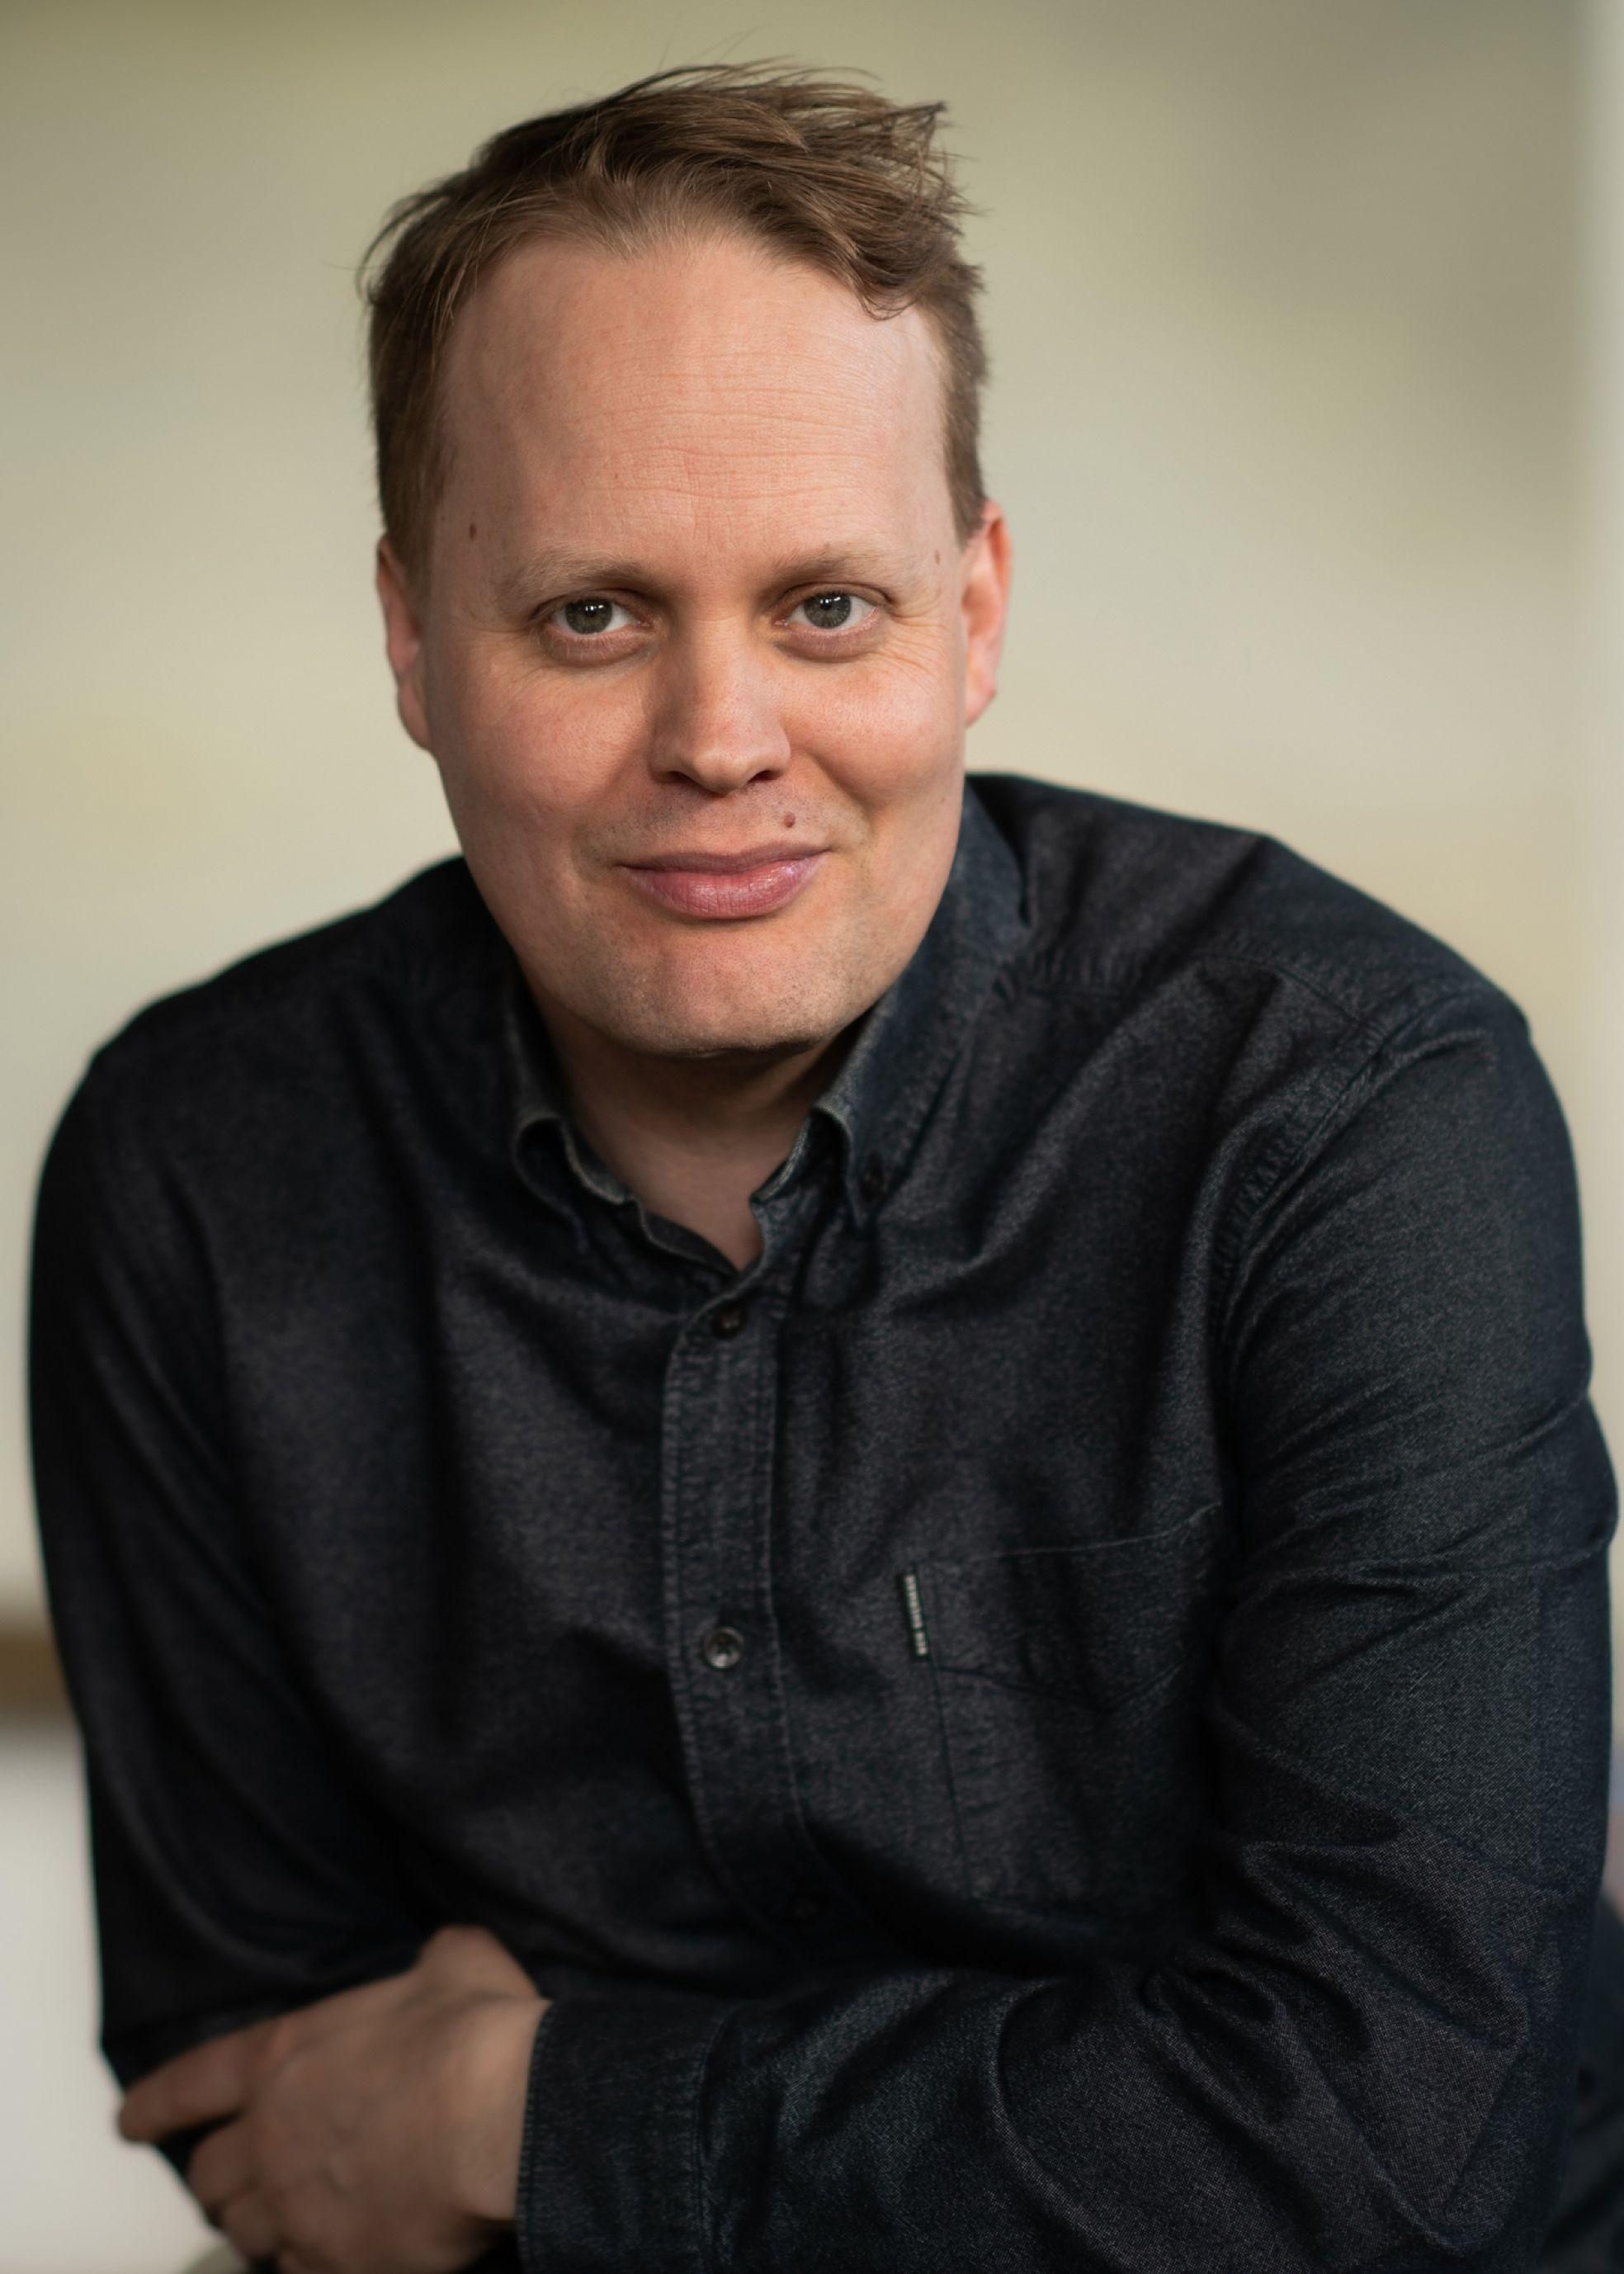 Derrick Neleman portret 2021 staand